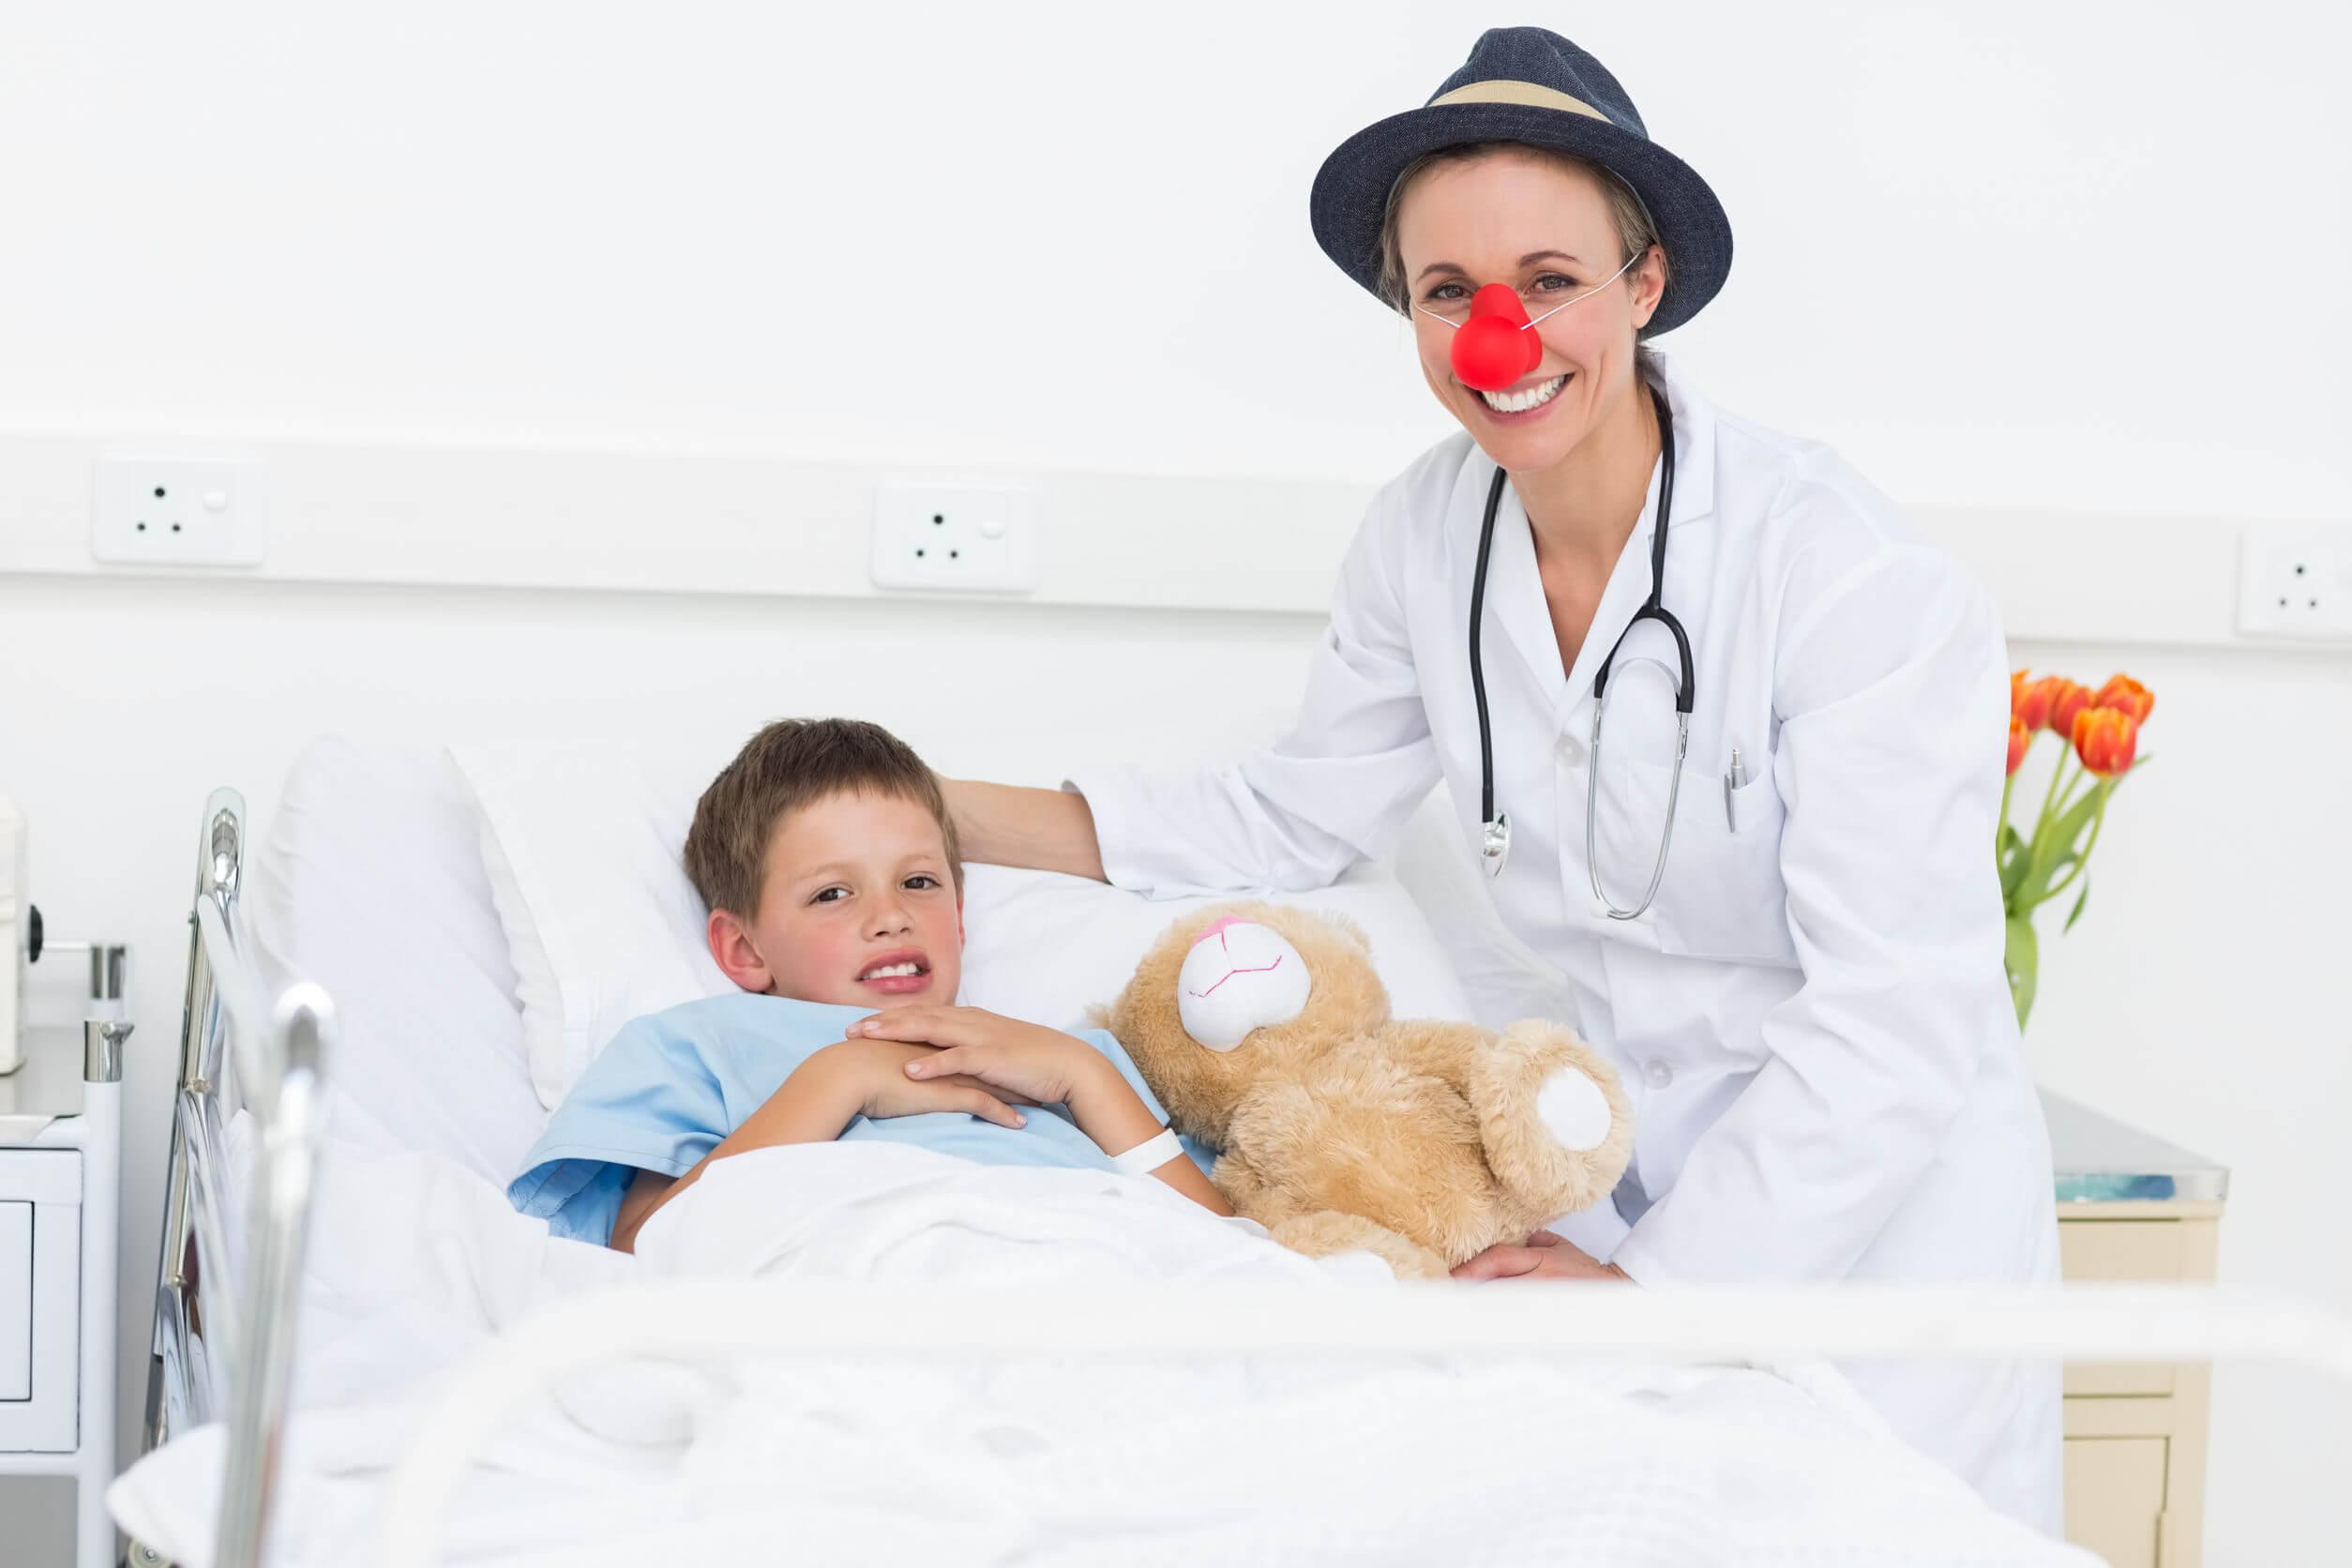 Los beneficios de reír ayudan a pacientes pediátricos.